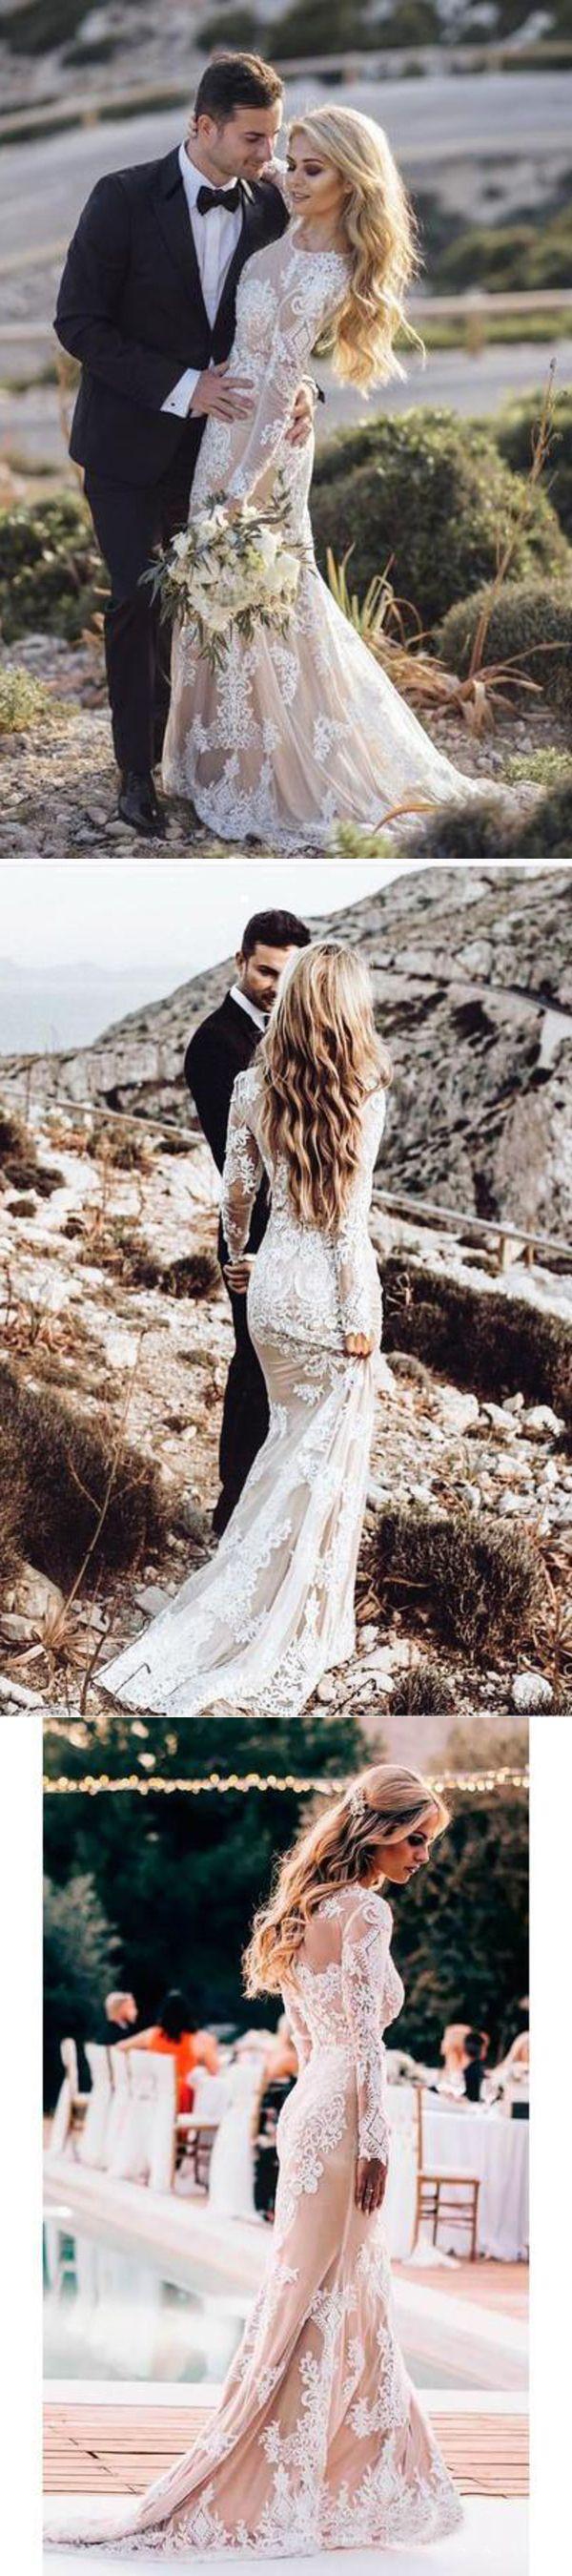 Langarm Rundhals Spitze Applique Brautkleider Vintage Meerjungfrau Hochzeitskleid #spitzeapplique